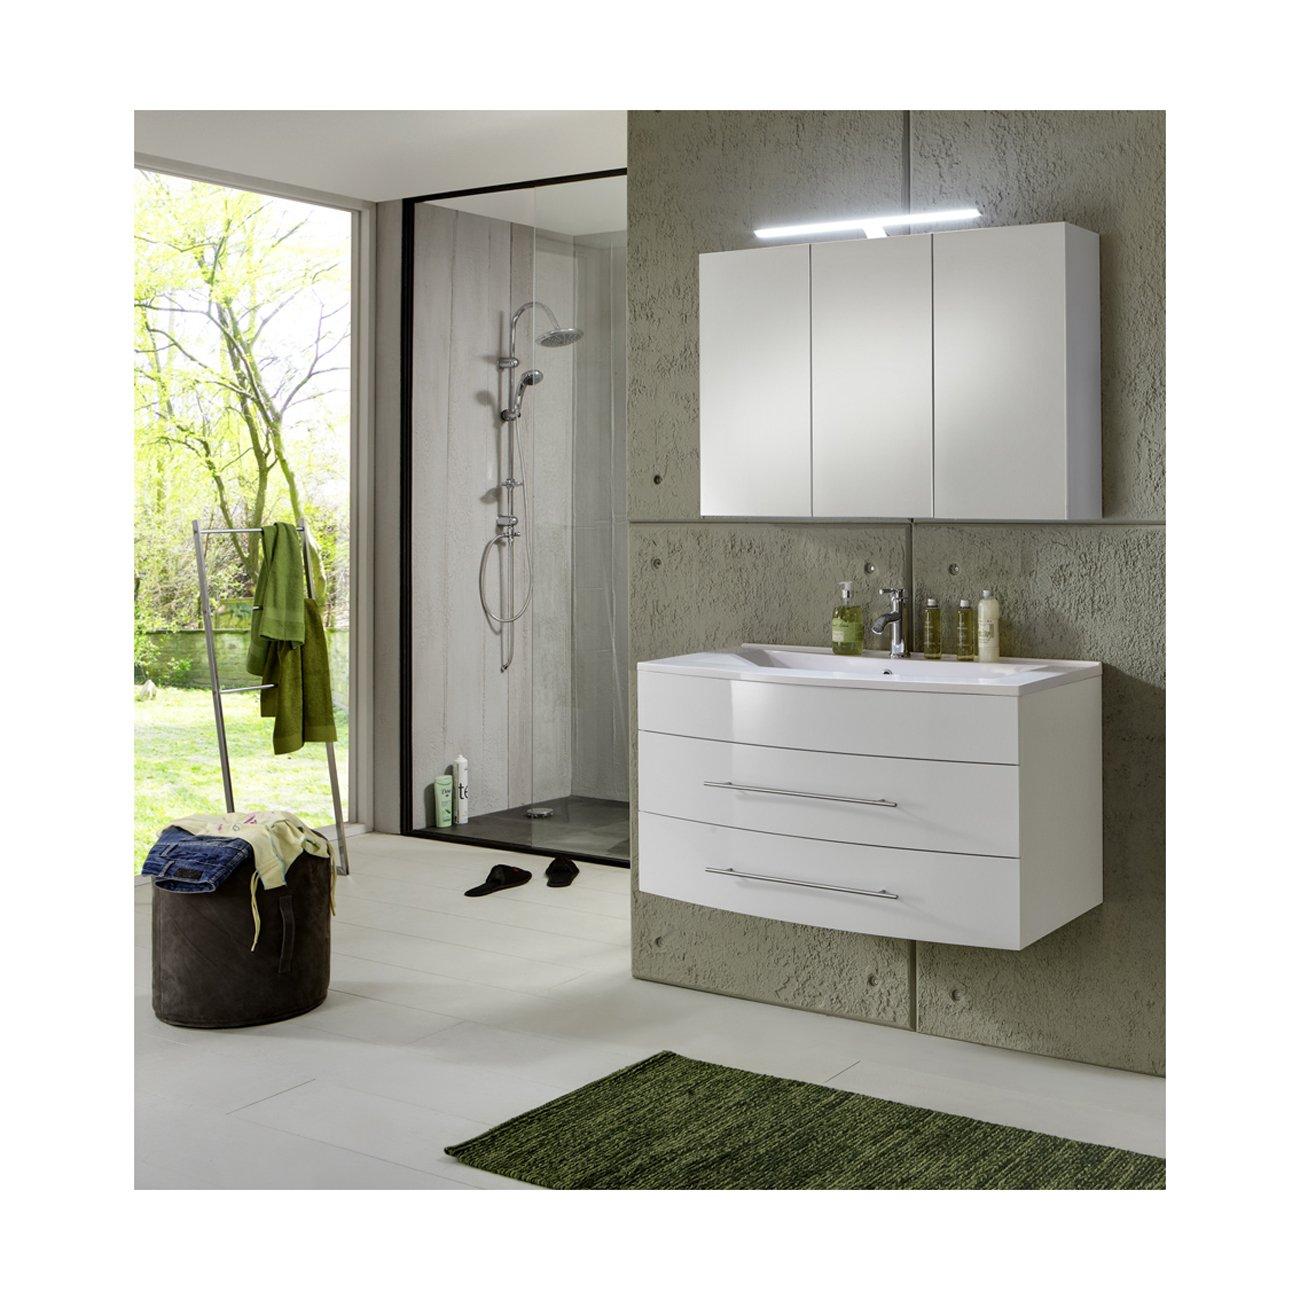 sam design badm bel set basel in wei 2 teilig beckenauswahl ihre variante mineralgussbecken. Black Bedroom Furniture Sets. Home Design Ideas